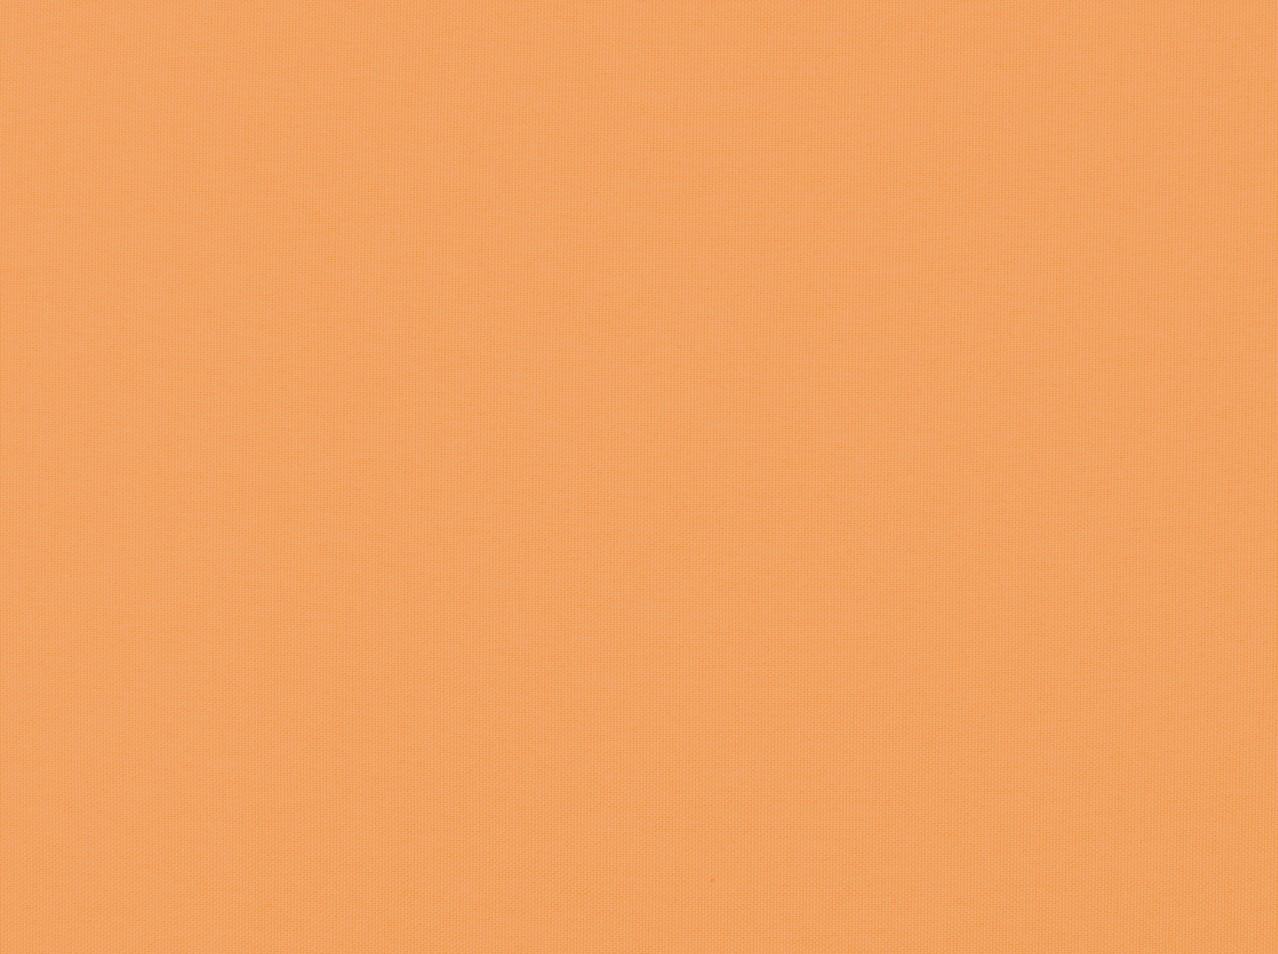 Sd zen 320 Orange